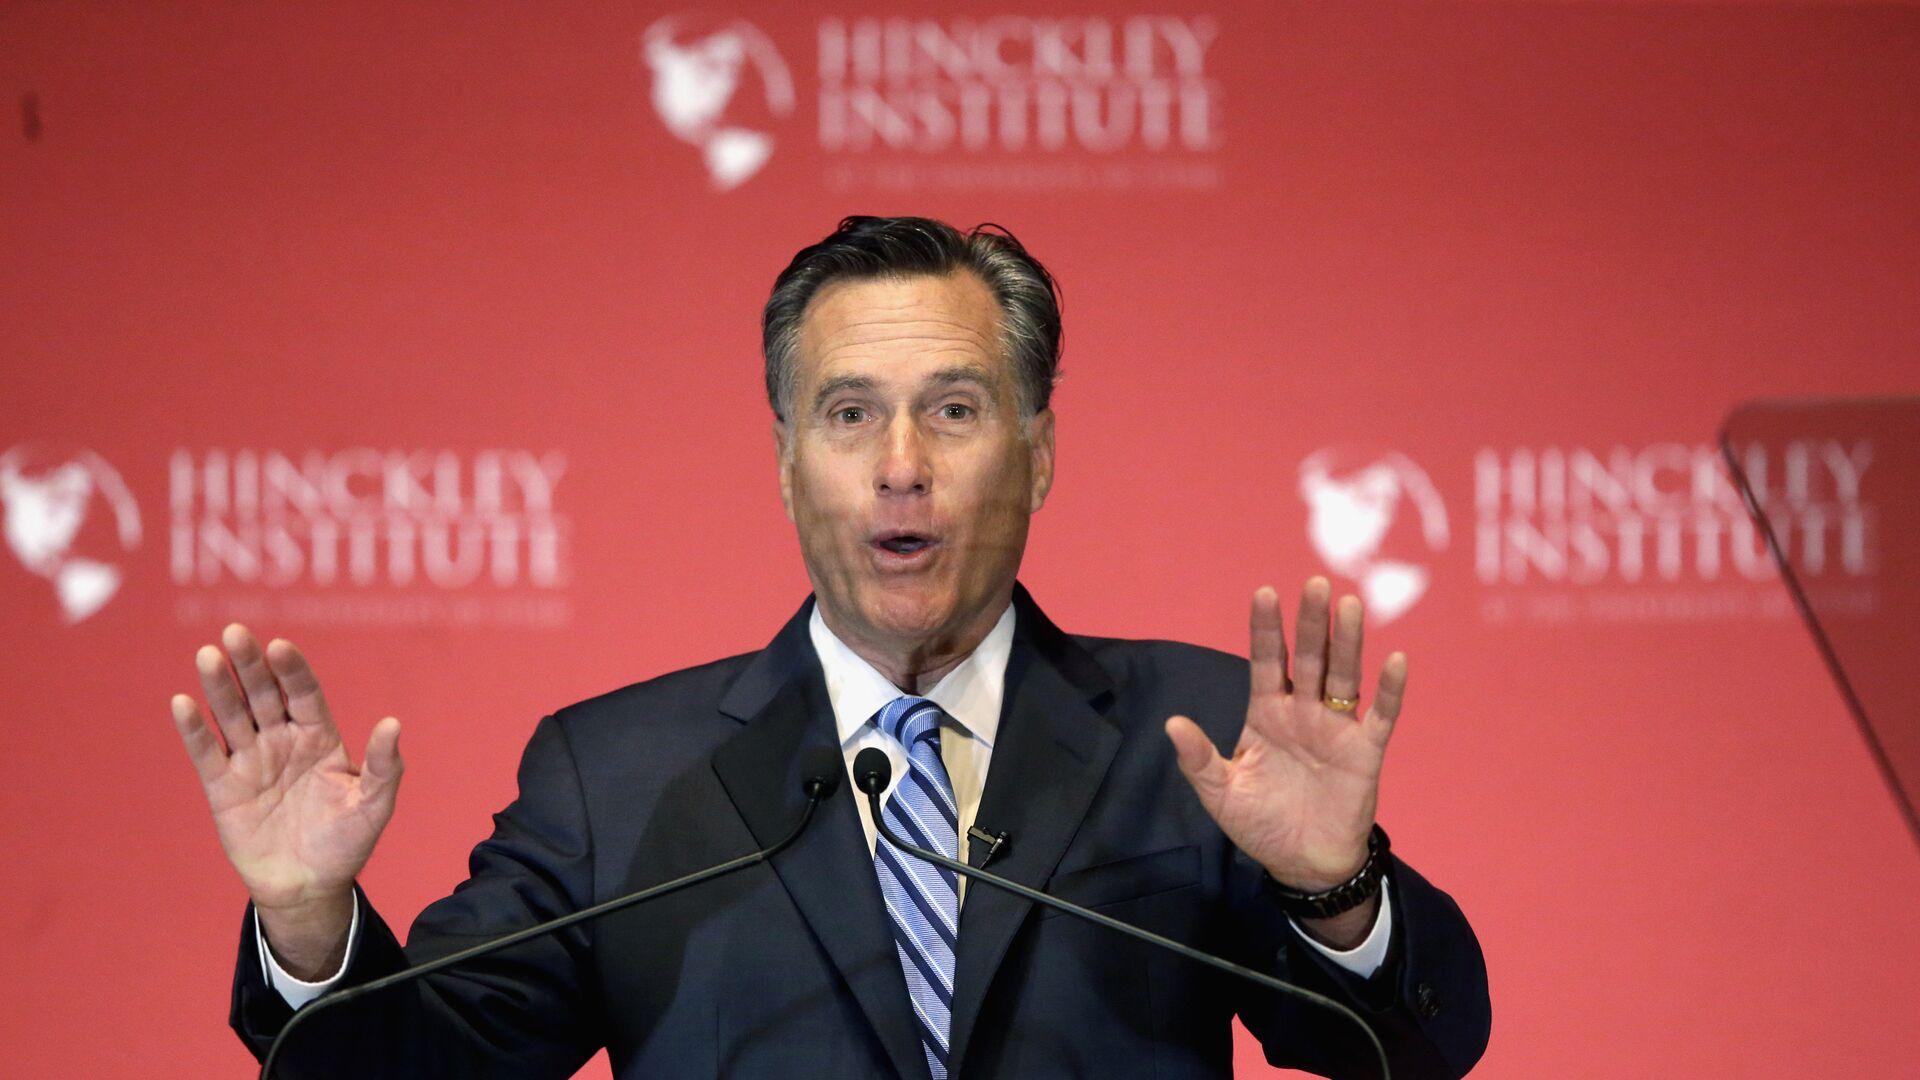 Американский политик Митт Ромни. 2016 год  - РИА Новости, 1920, 20.12.2020